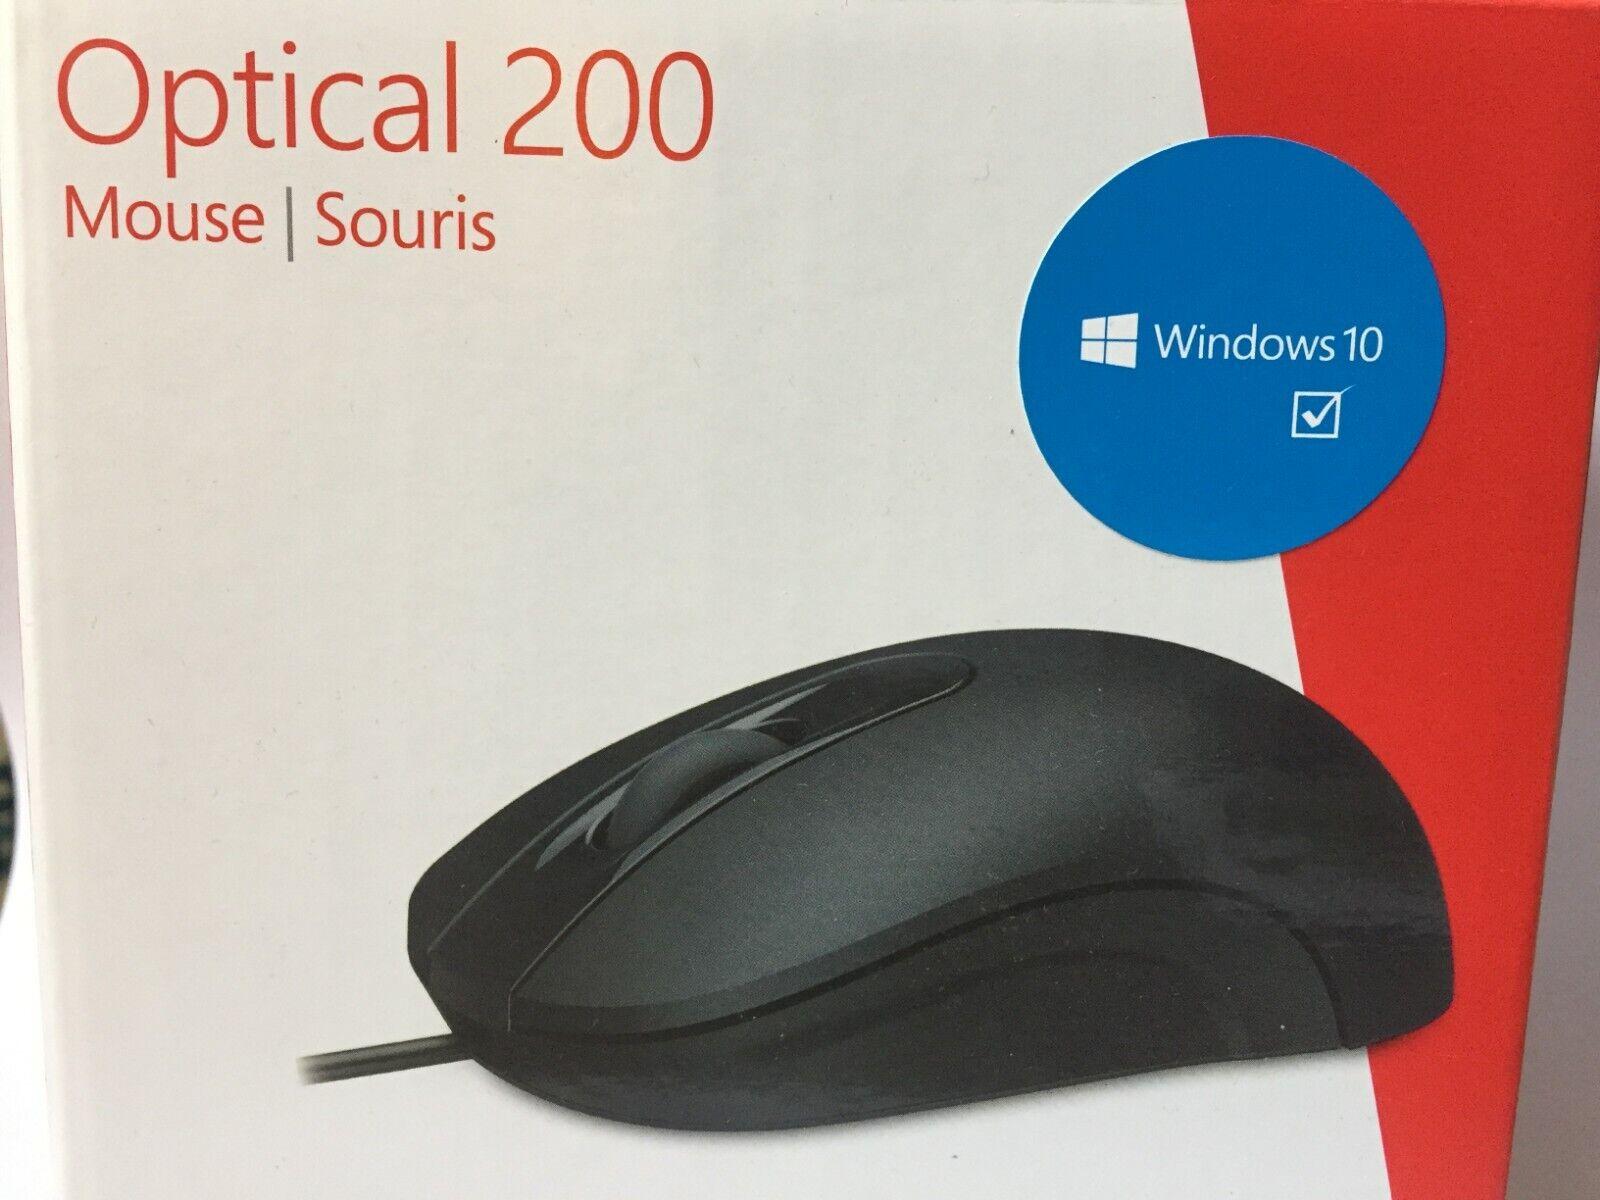 Microsoft Basic Optical Mouse Souris optique Noir USB dans sa boite d'origine